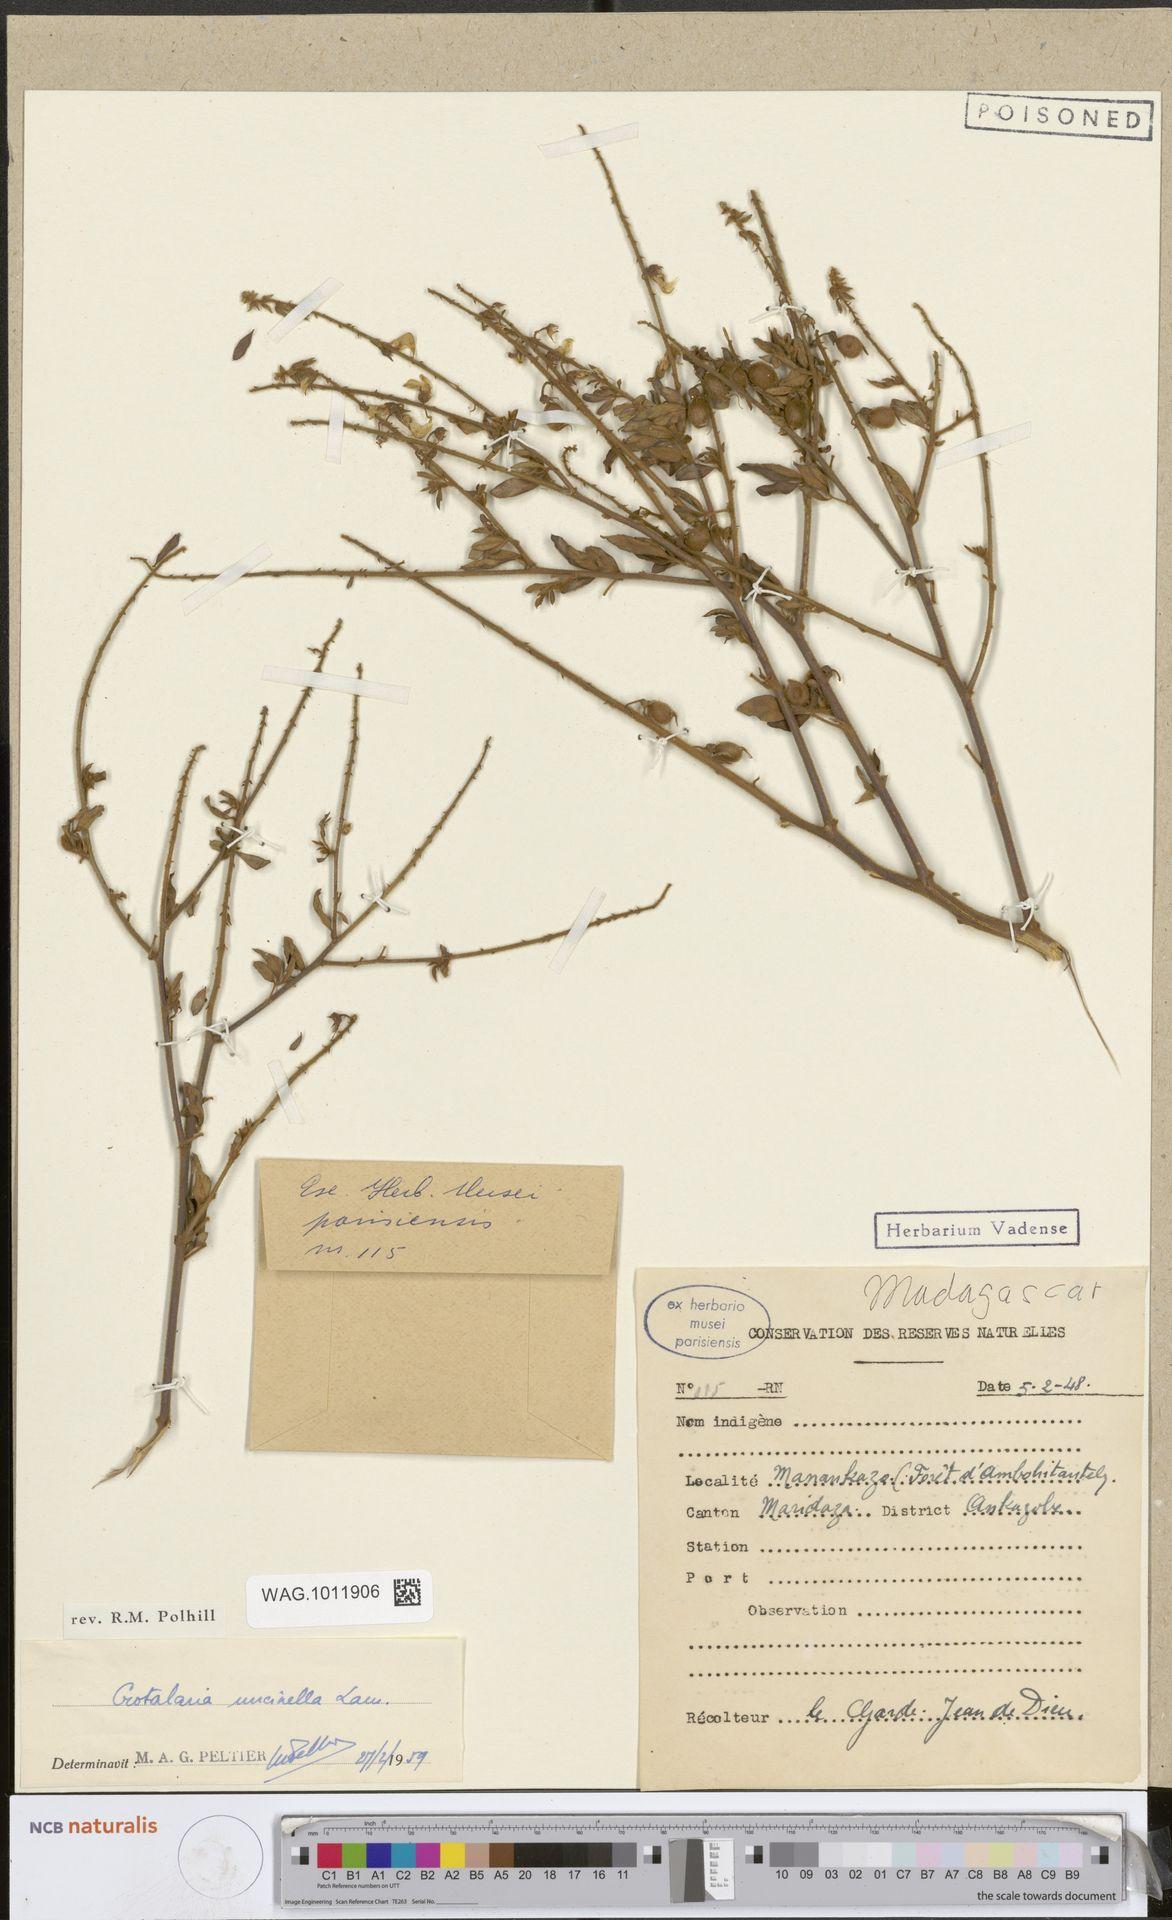 WAG.1011906 | Crotalaria uncinella Lam.